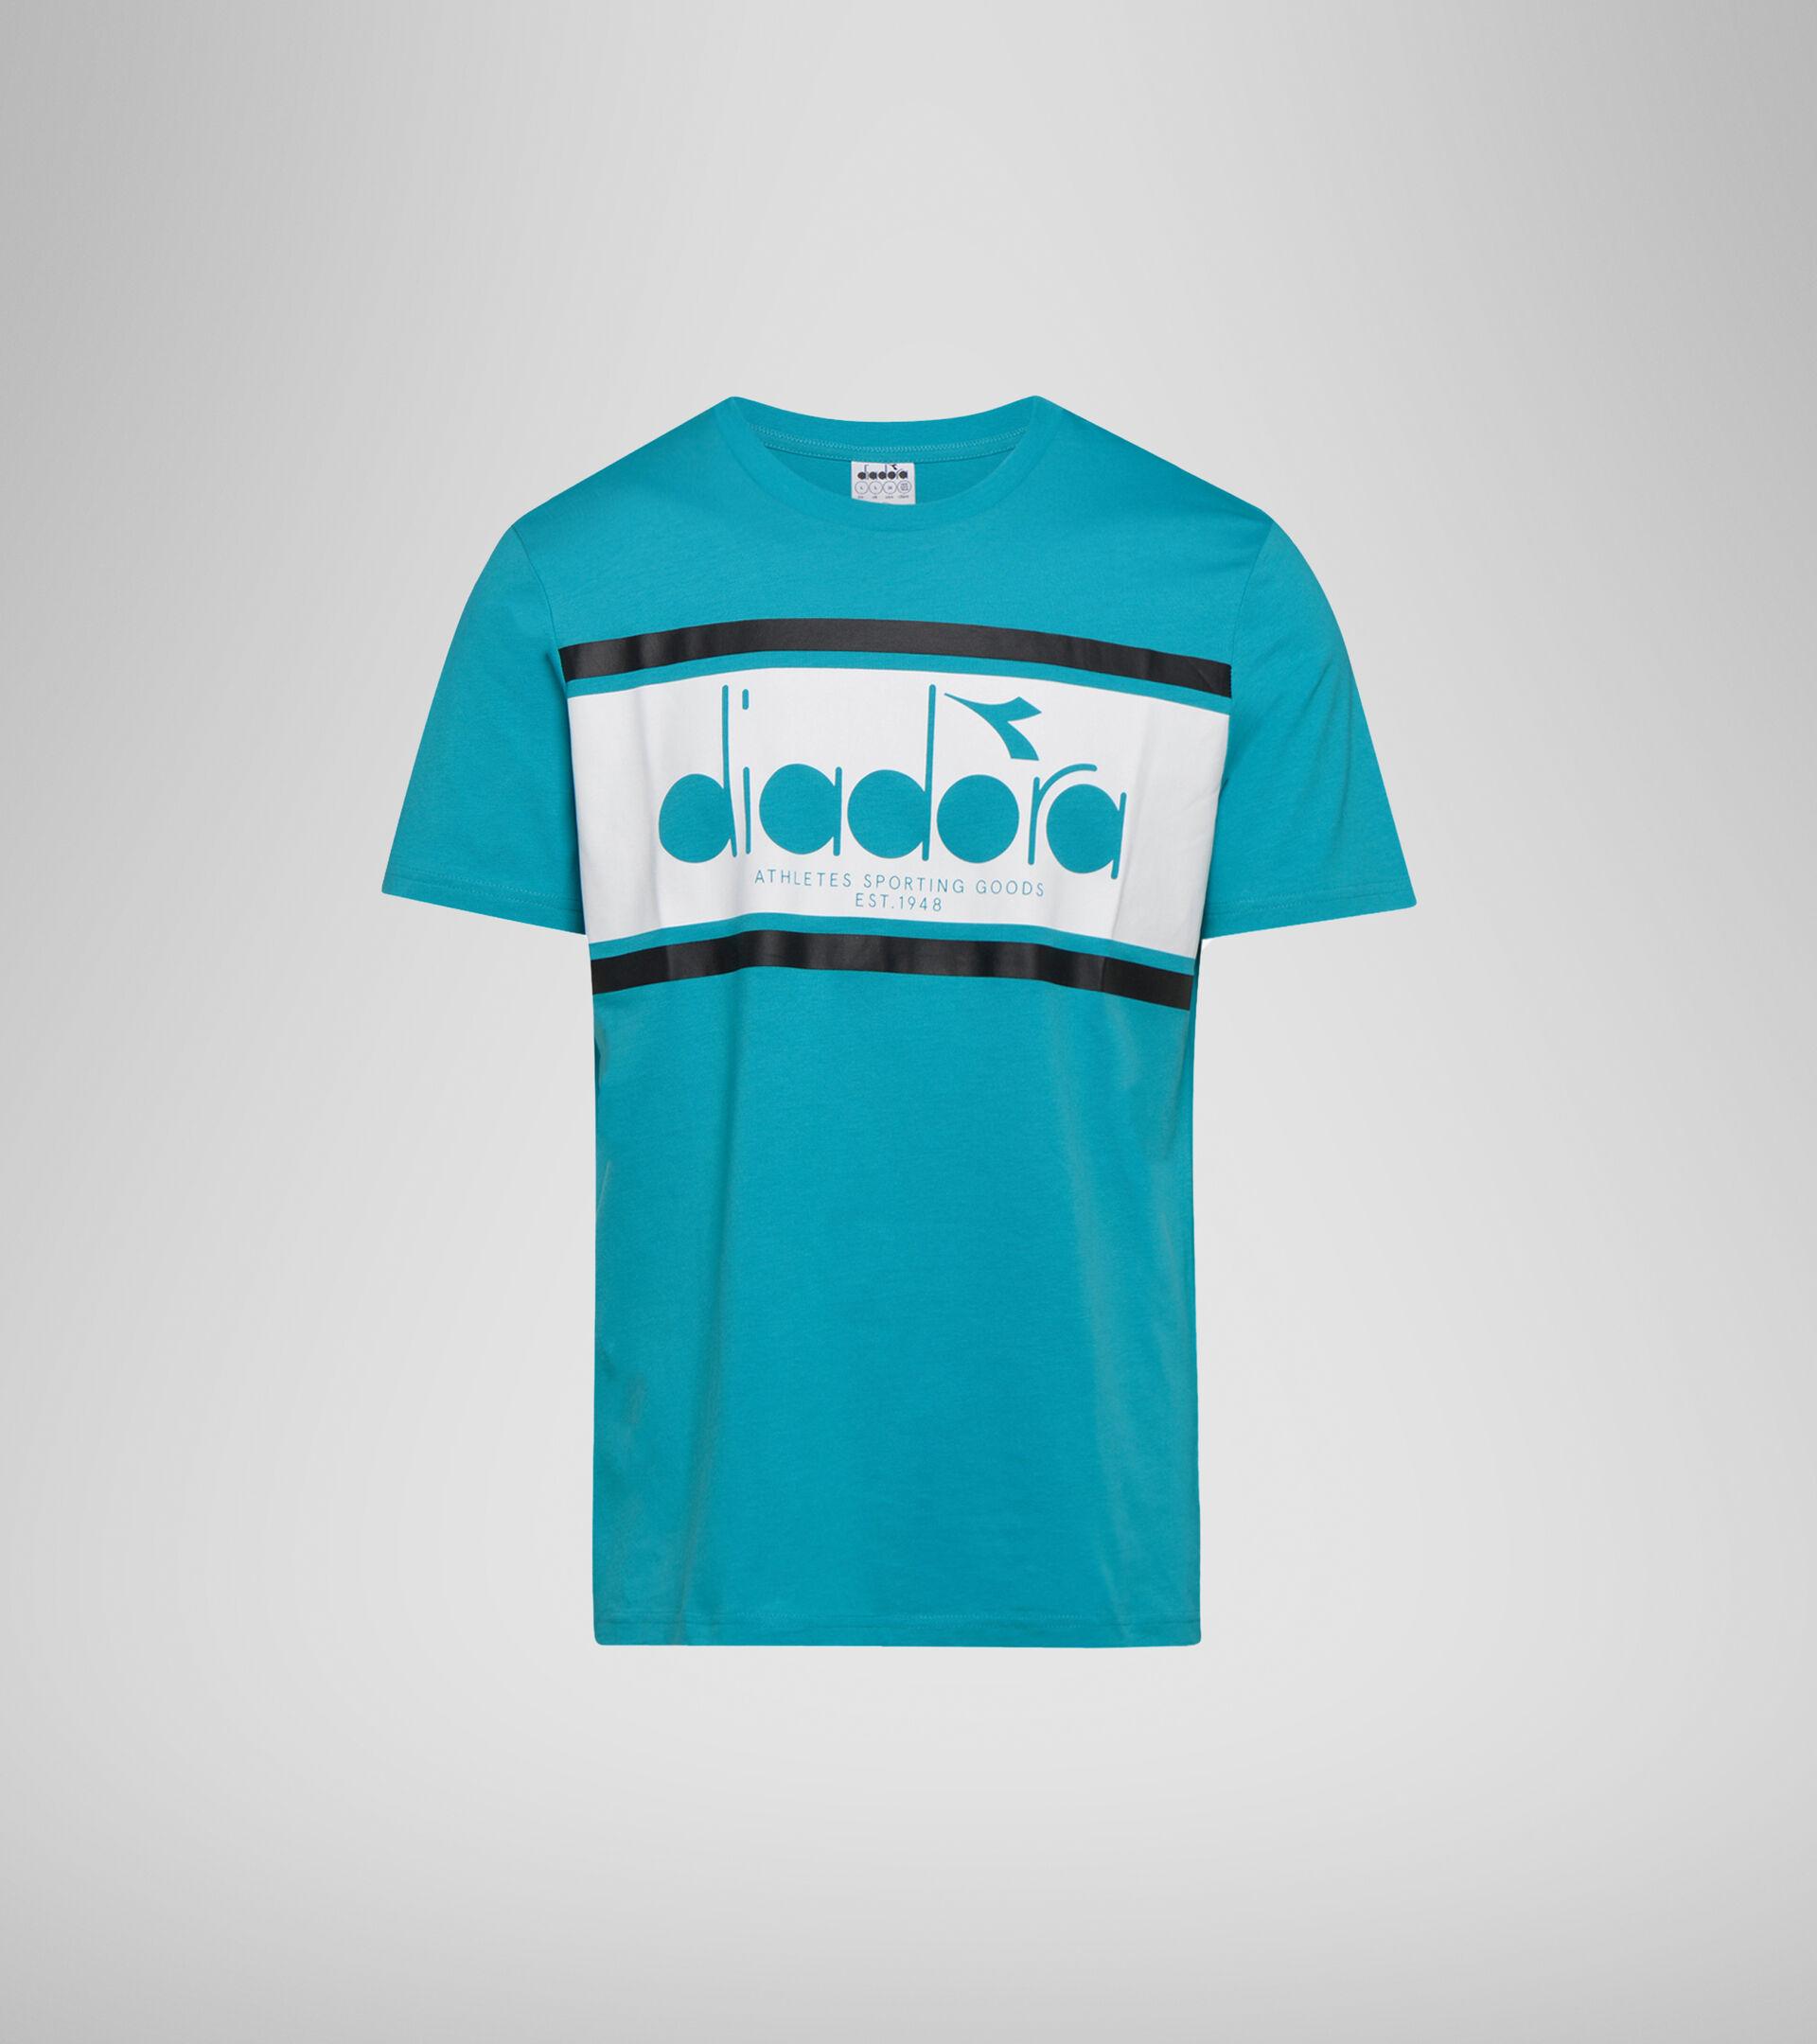 T-Shirt - Unisex SS T-SHIRT SPECTRA OC VIRIIDIANGRUEN - Diadora